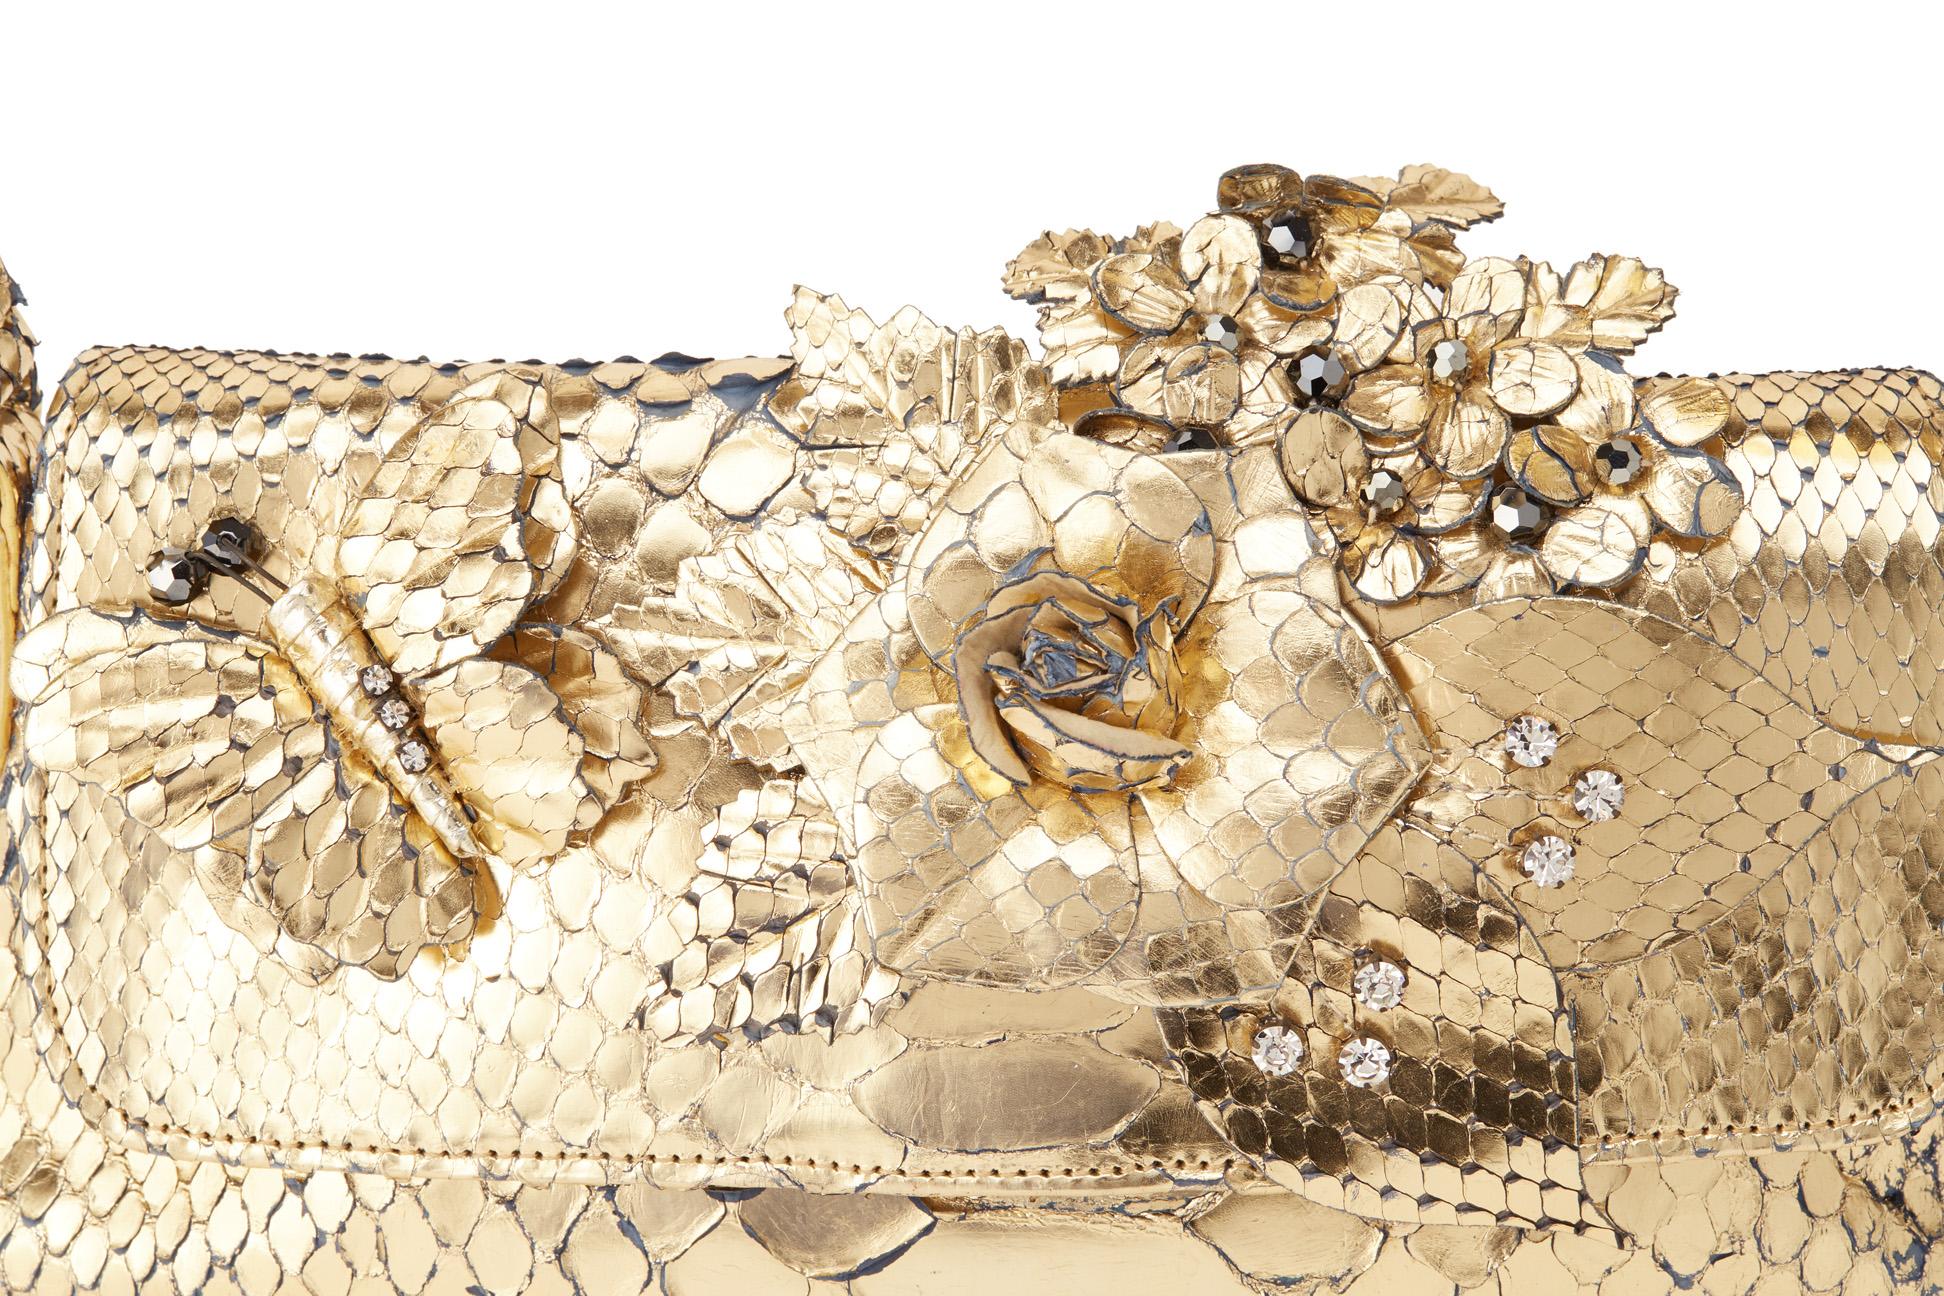 AN ANA METALLIC SNAKESKIN EMBELLISHED SHOULDER BAG - Image 2 of 4